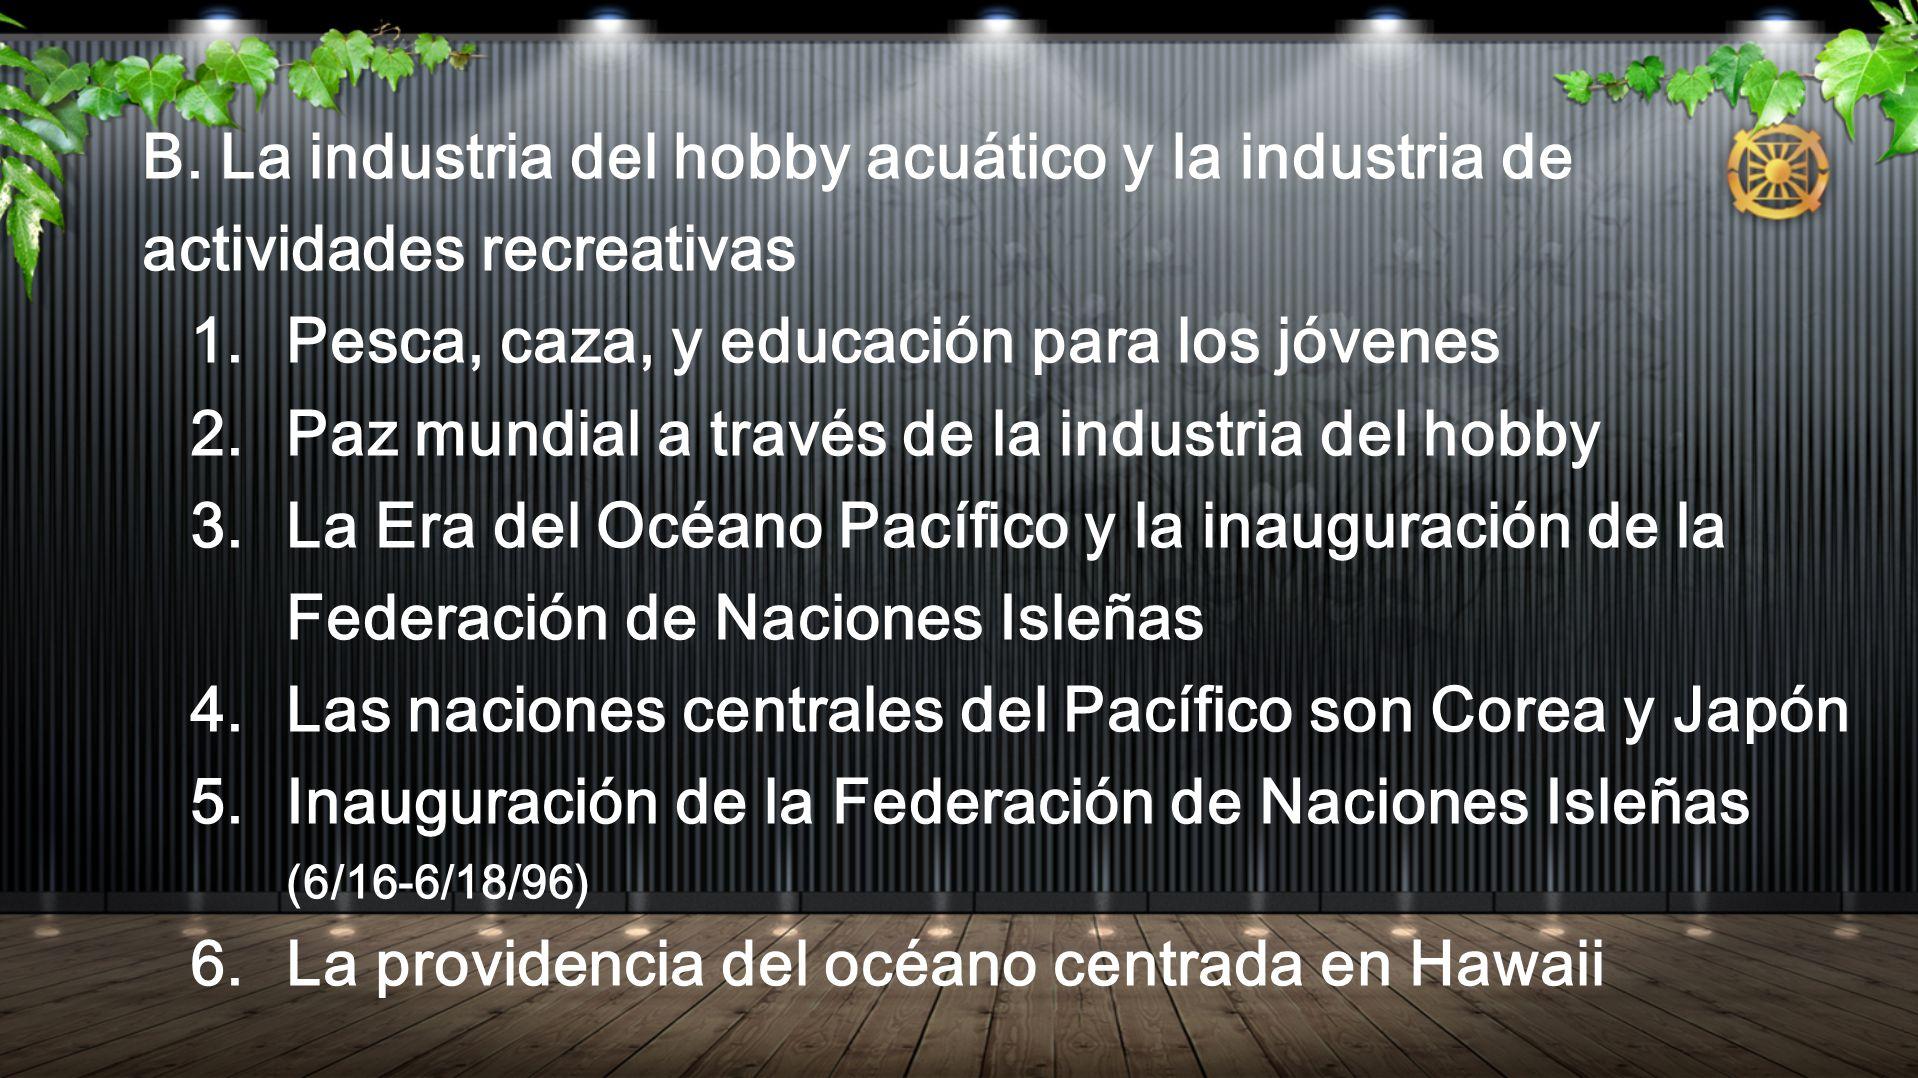 B. La industria del hobby acuático y la industria de actividades recreativas 1. Pesca, caza, y educación para los jóvenes 2. Paz mundial a través de l